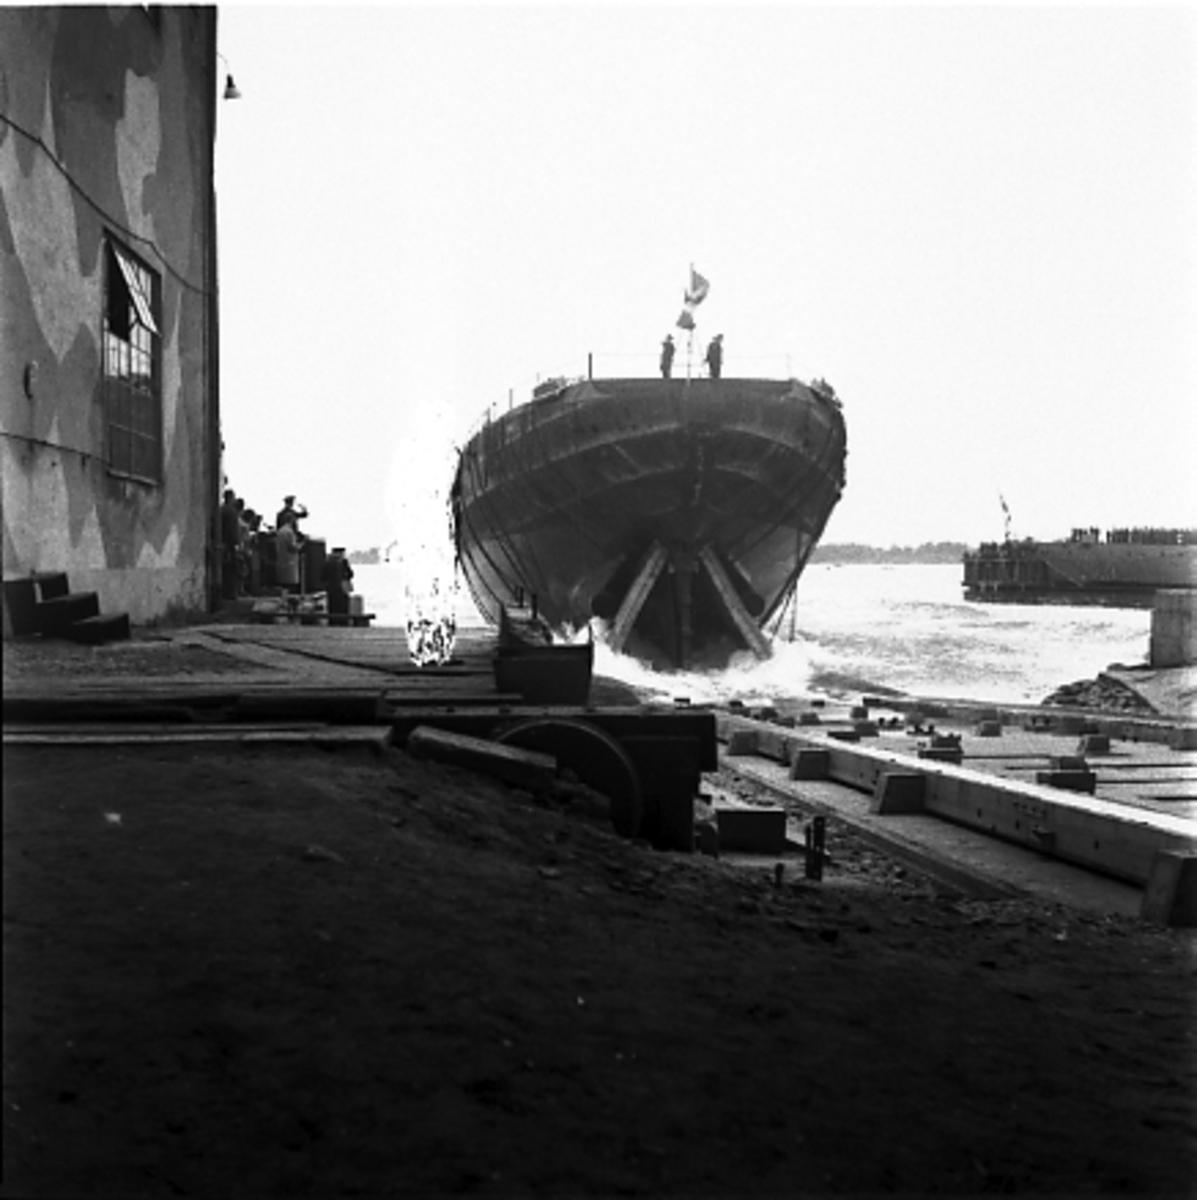 Fartyg: THULE                           Övrigt: Isbrytare Thule, bilder vid sjösättning.